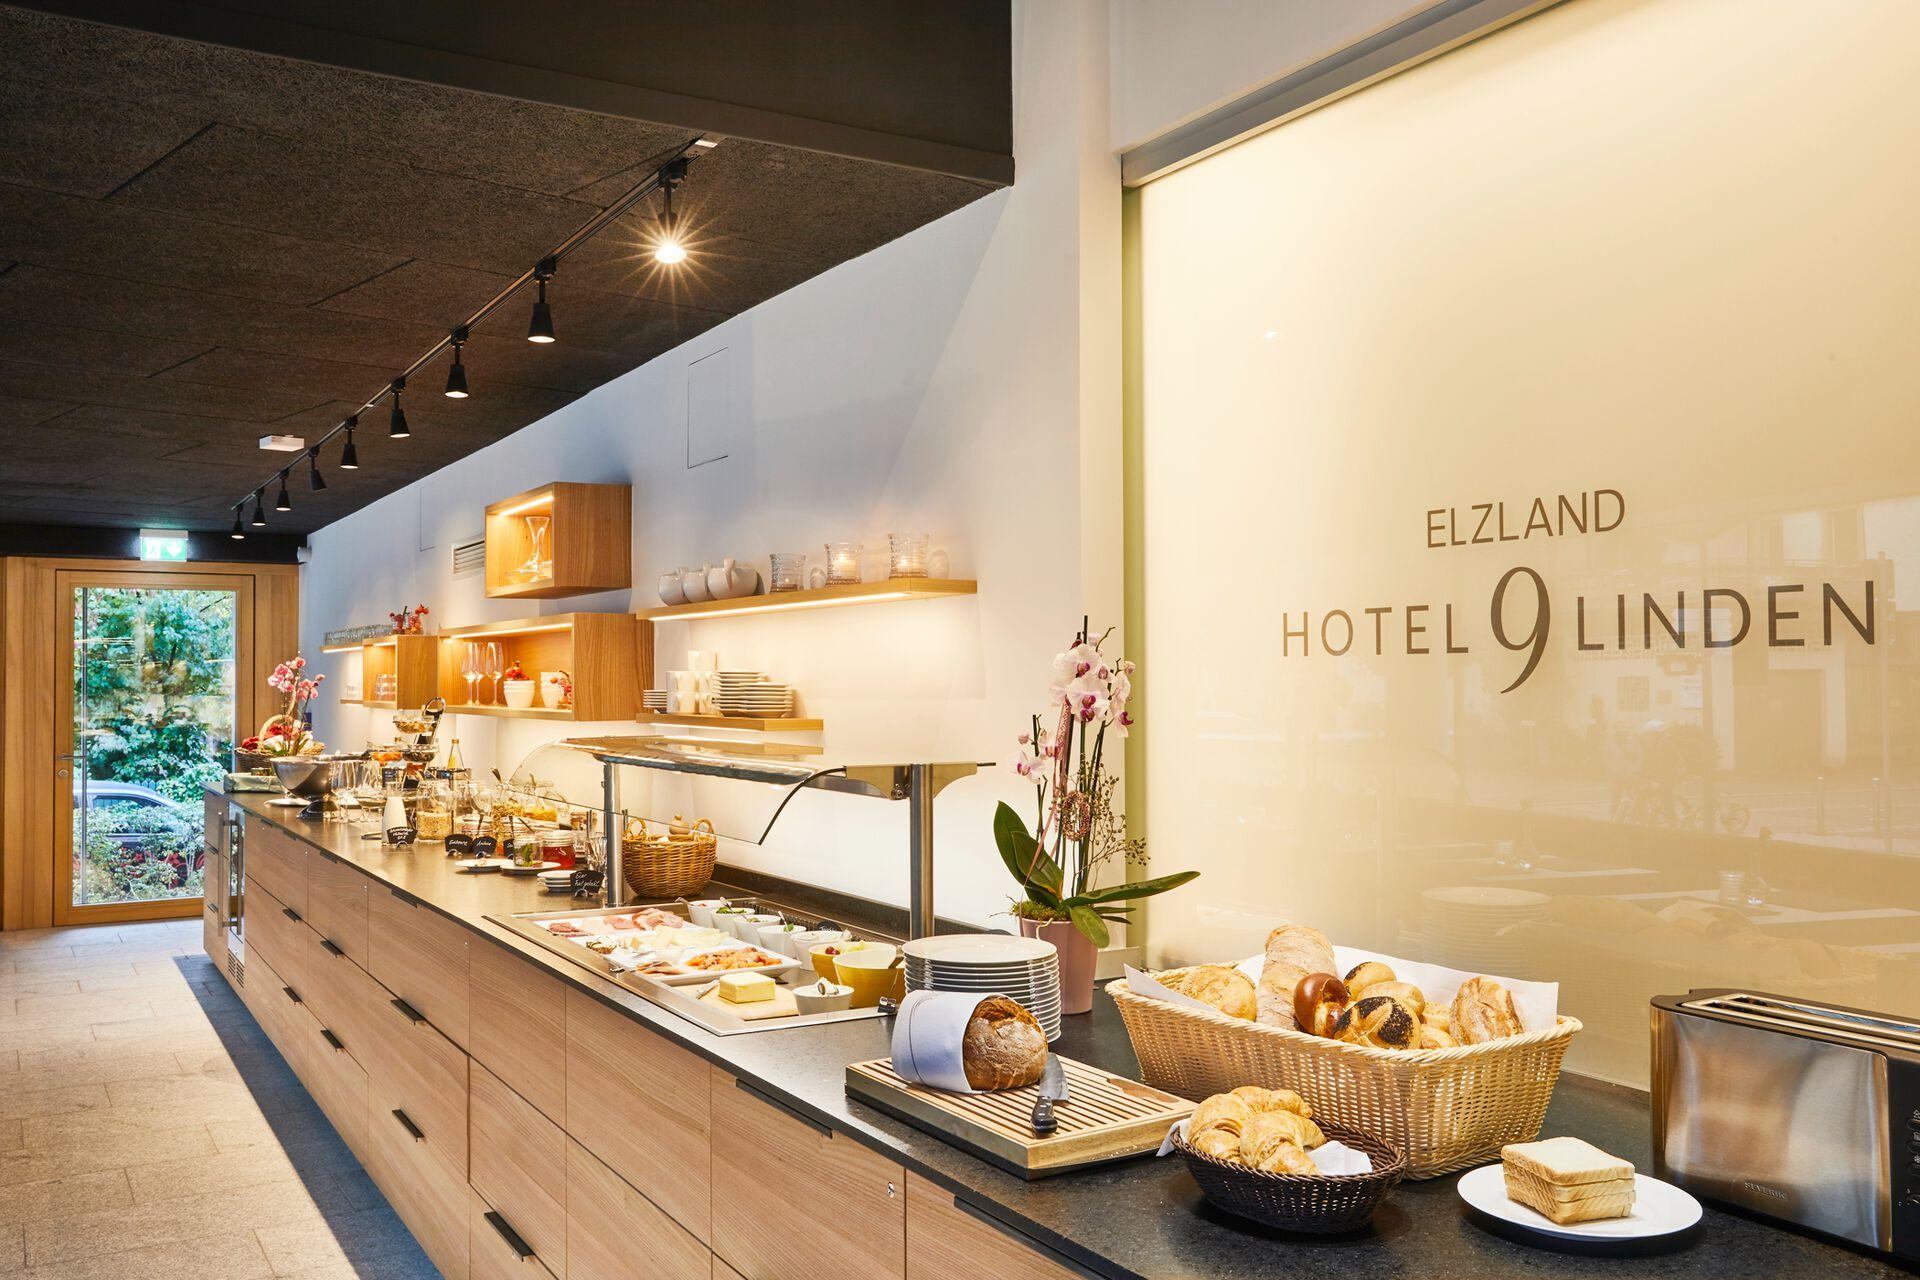 ElzLand Hotel 9 Linden